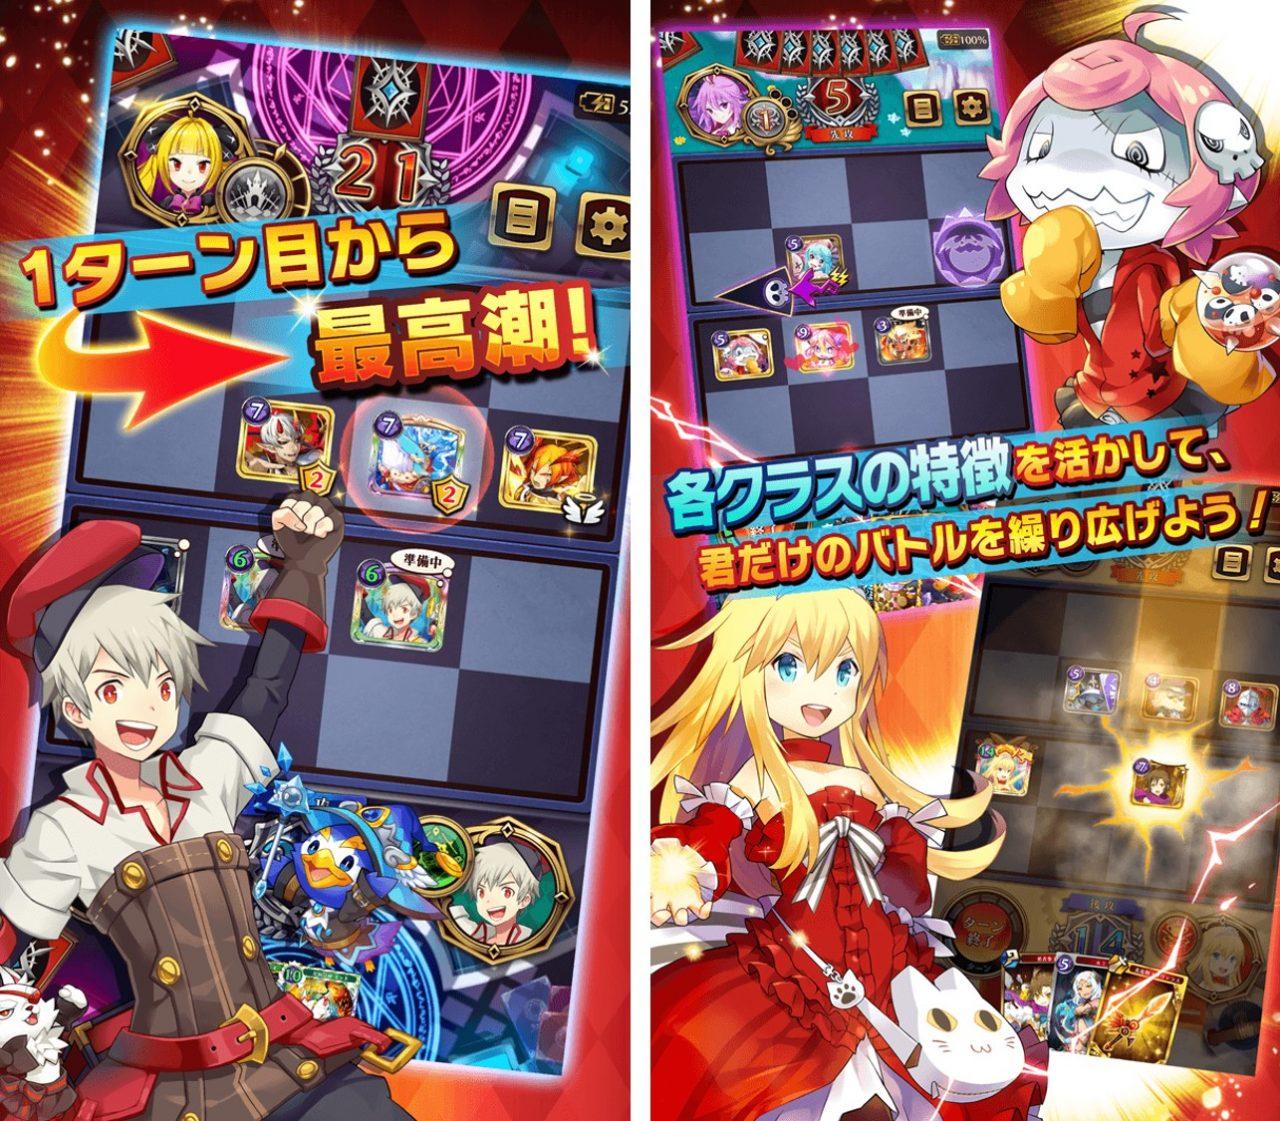 いつでもお手軽カードゲーム『リバースユニオン』事前登録キャンペーンスタート!